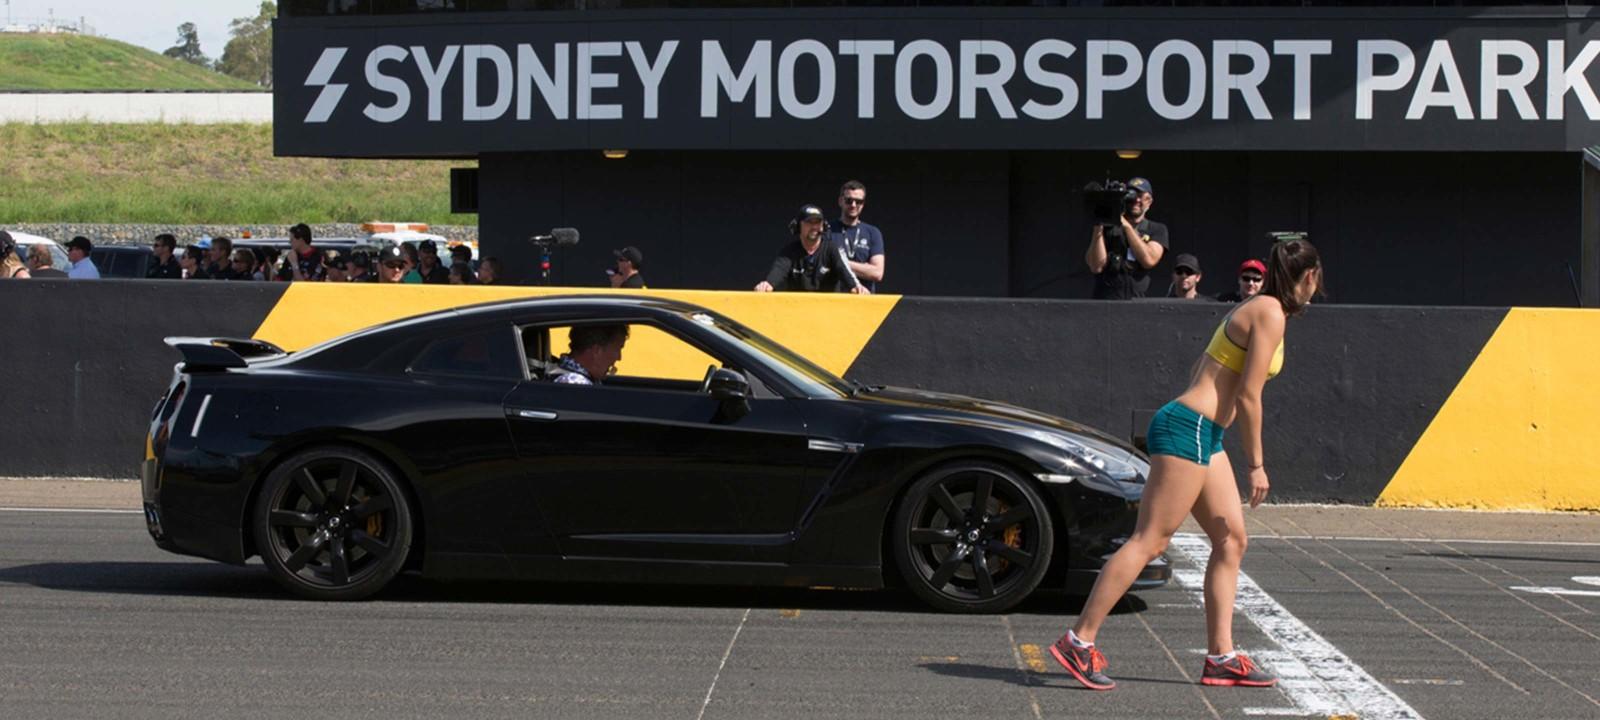 BBCA_TG_SydneySpecial_3200x1440